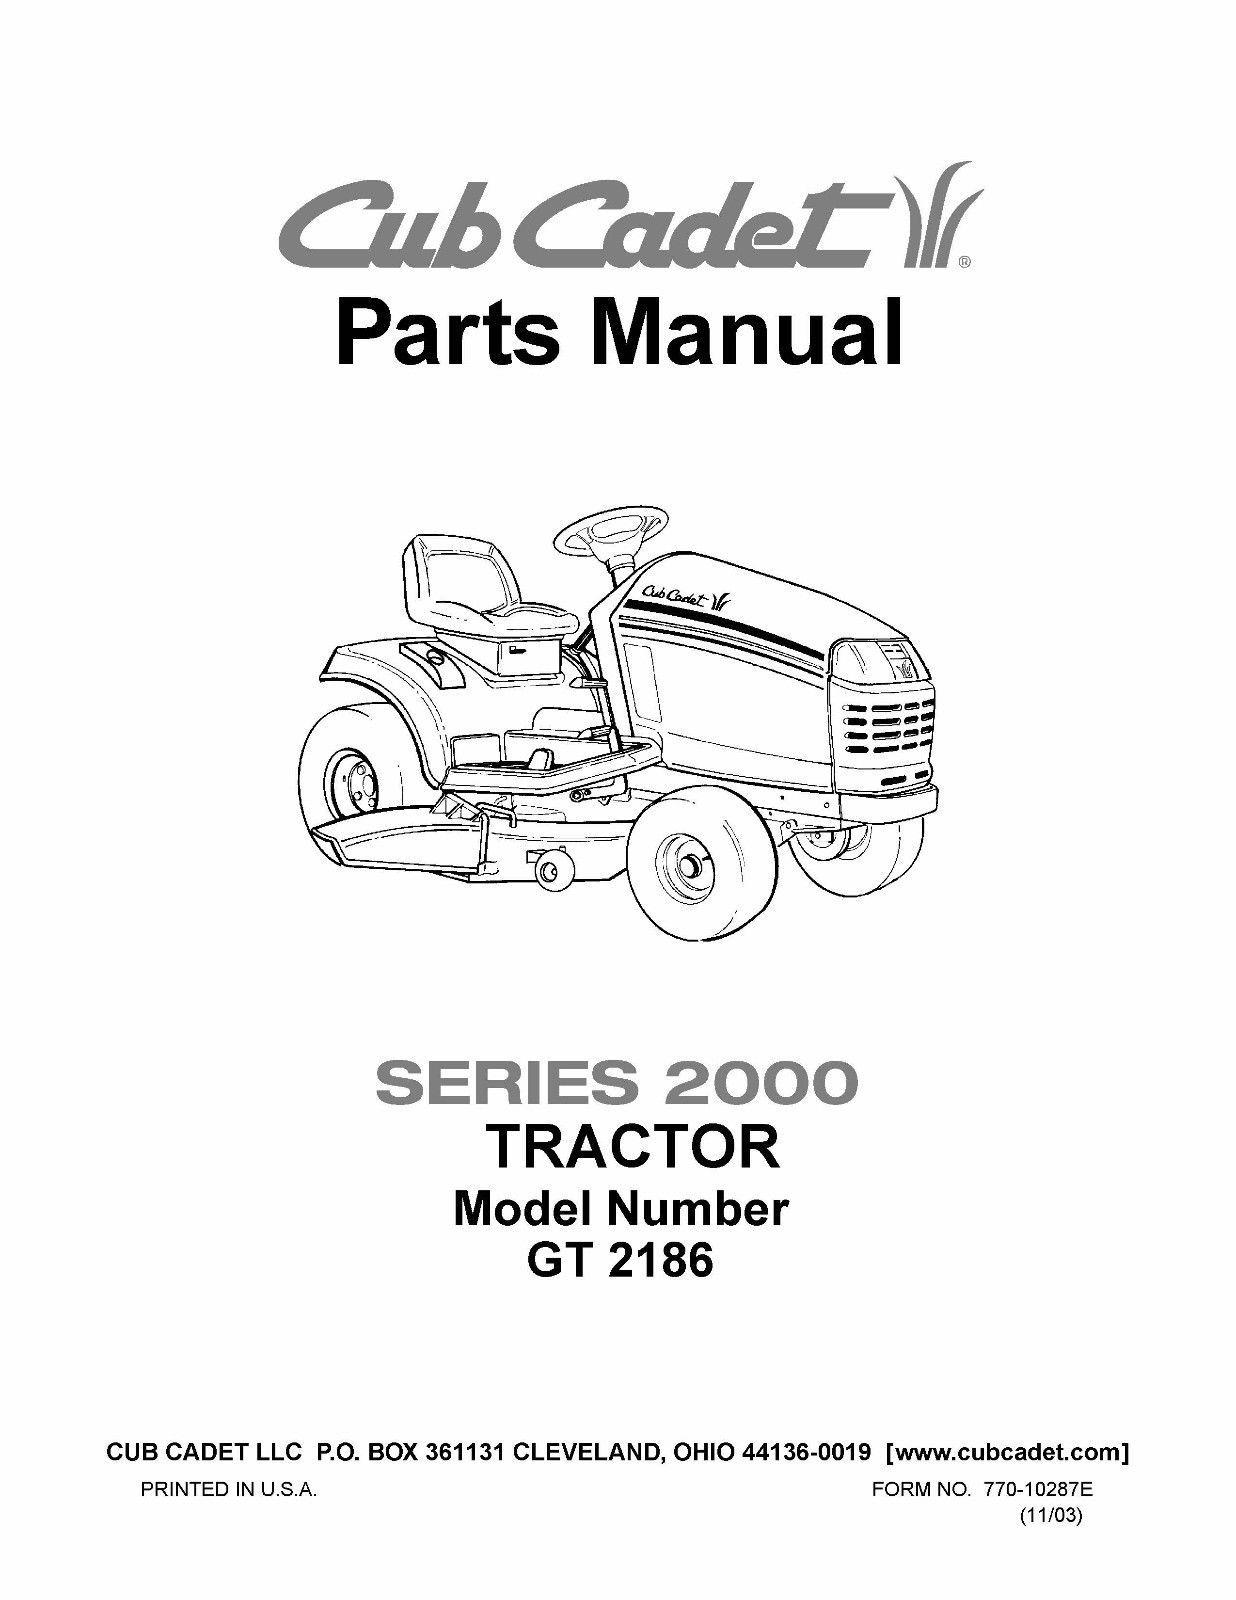 Cub Cadet Parts Manual Model No. GT 2186